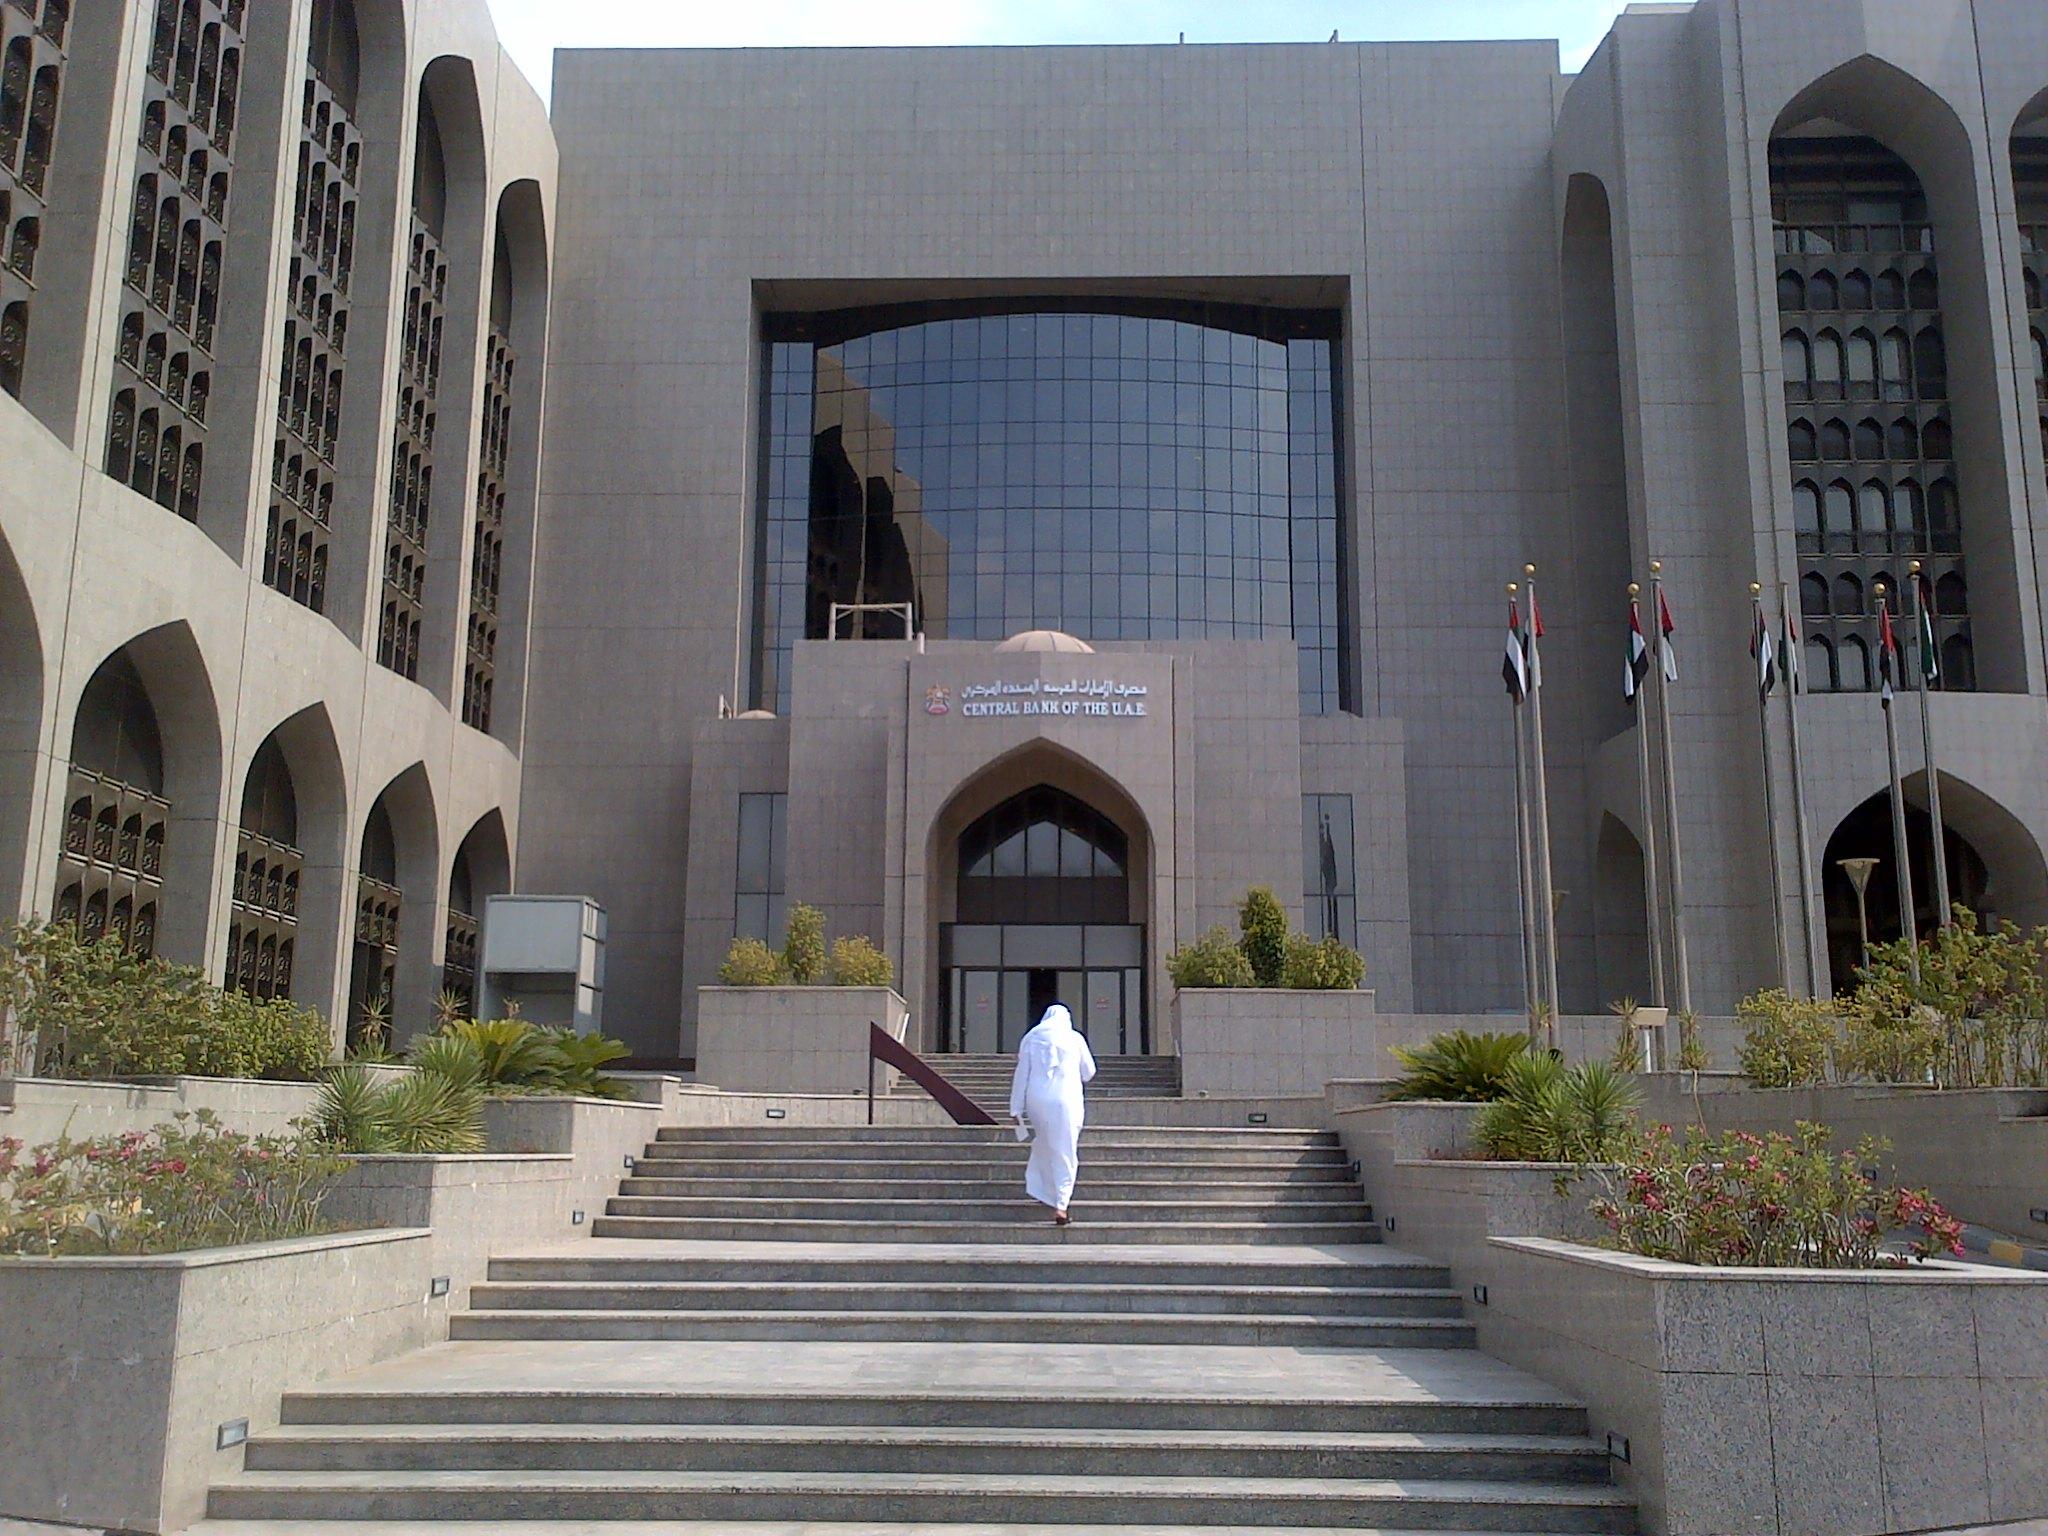 .85 تريليون درهم حجم الودائع المصرفية في الإمارات بنهاية الربع الأول